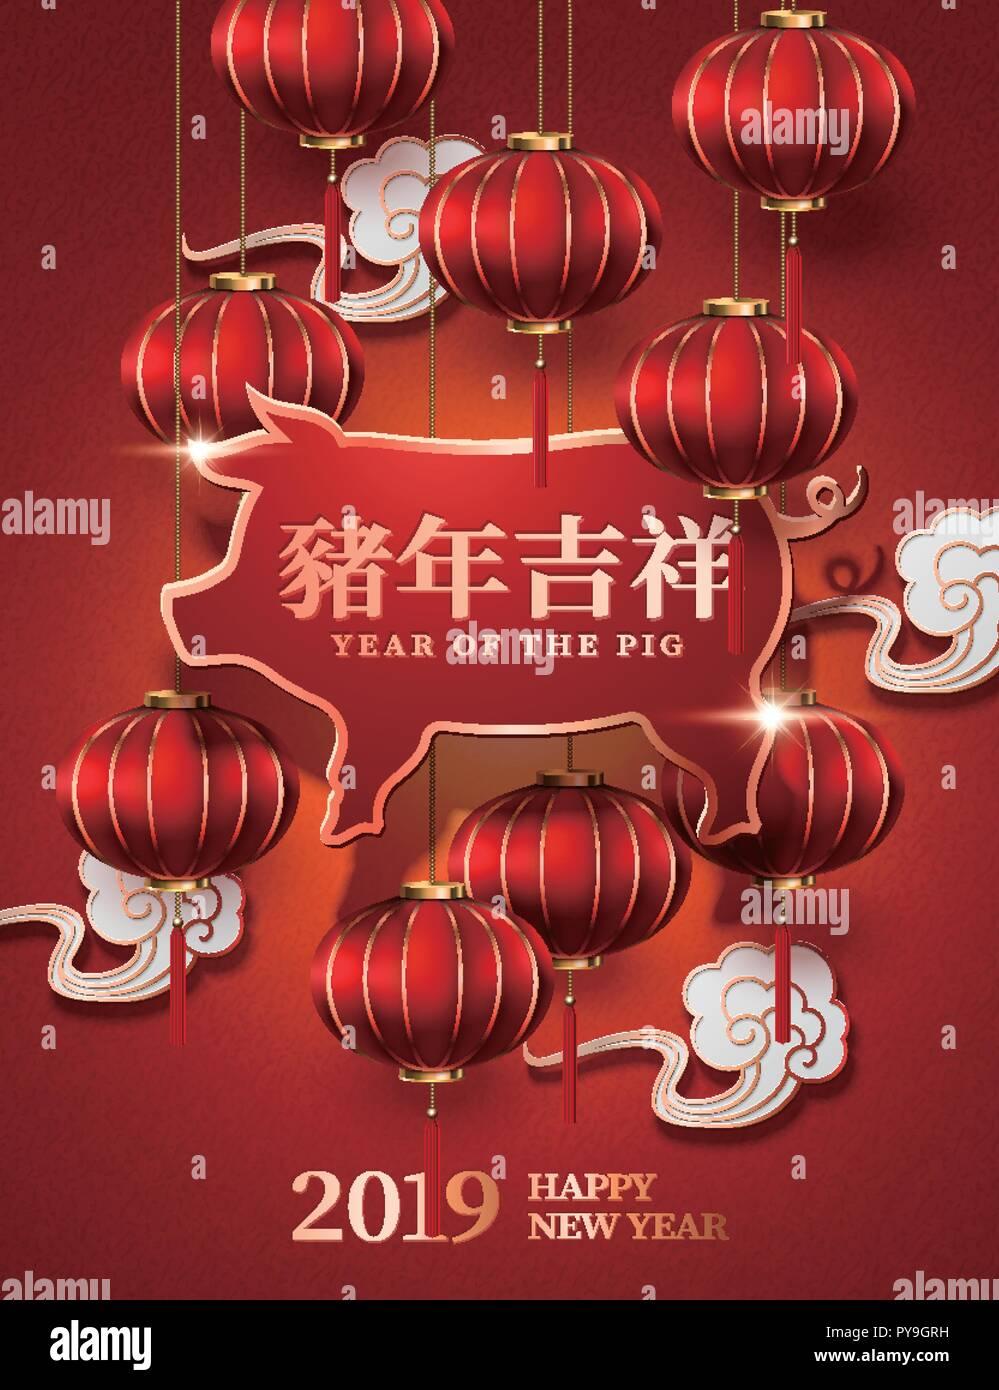 Das chinesische Neujahr Design mit hängenden Piggy und roten ...